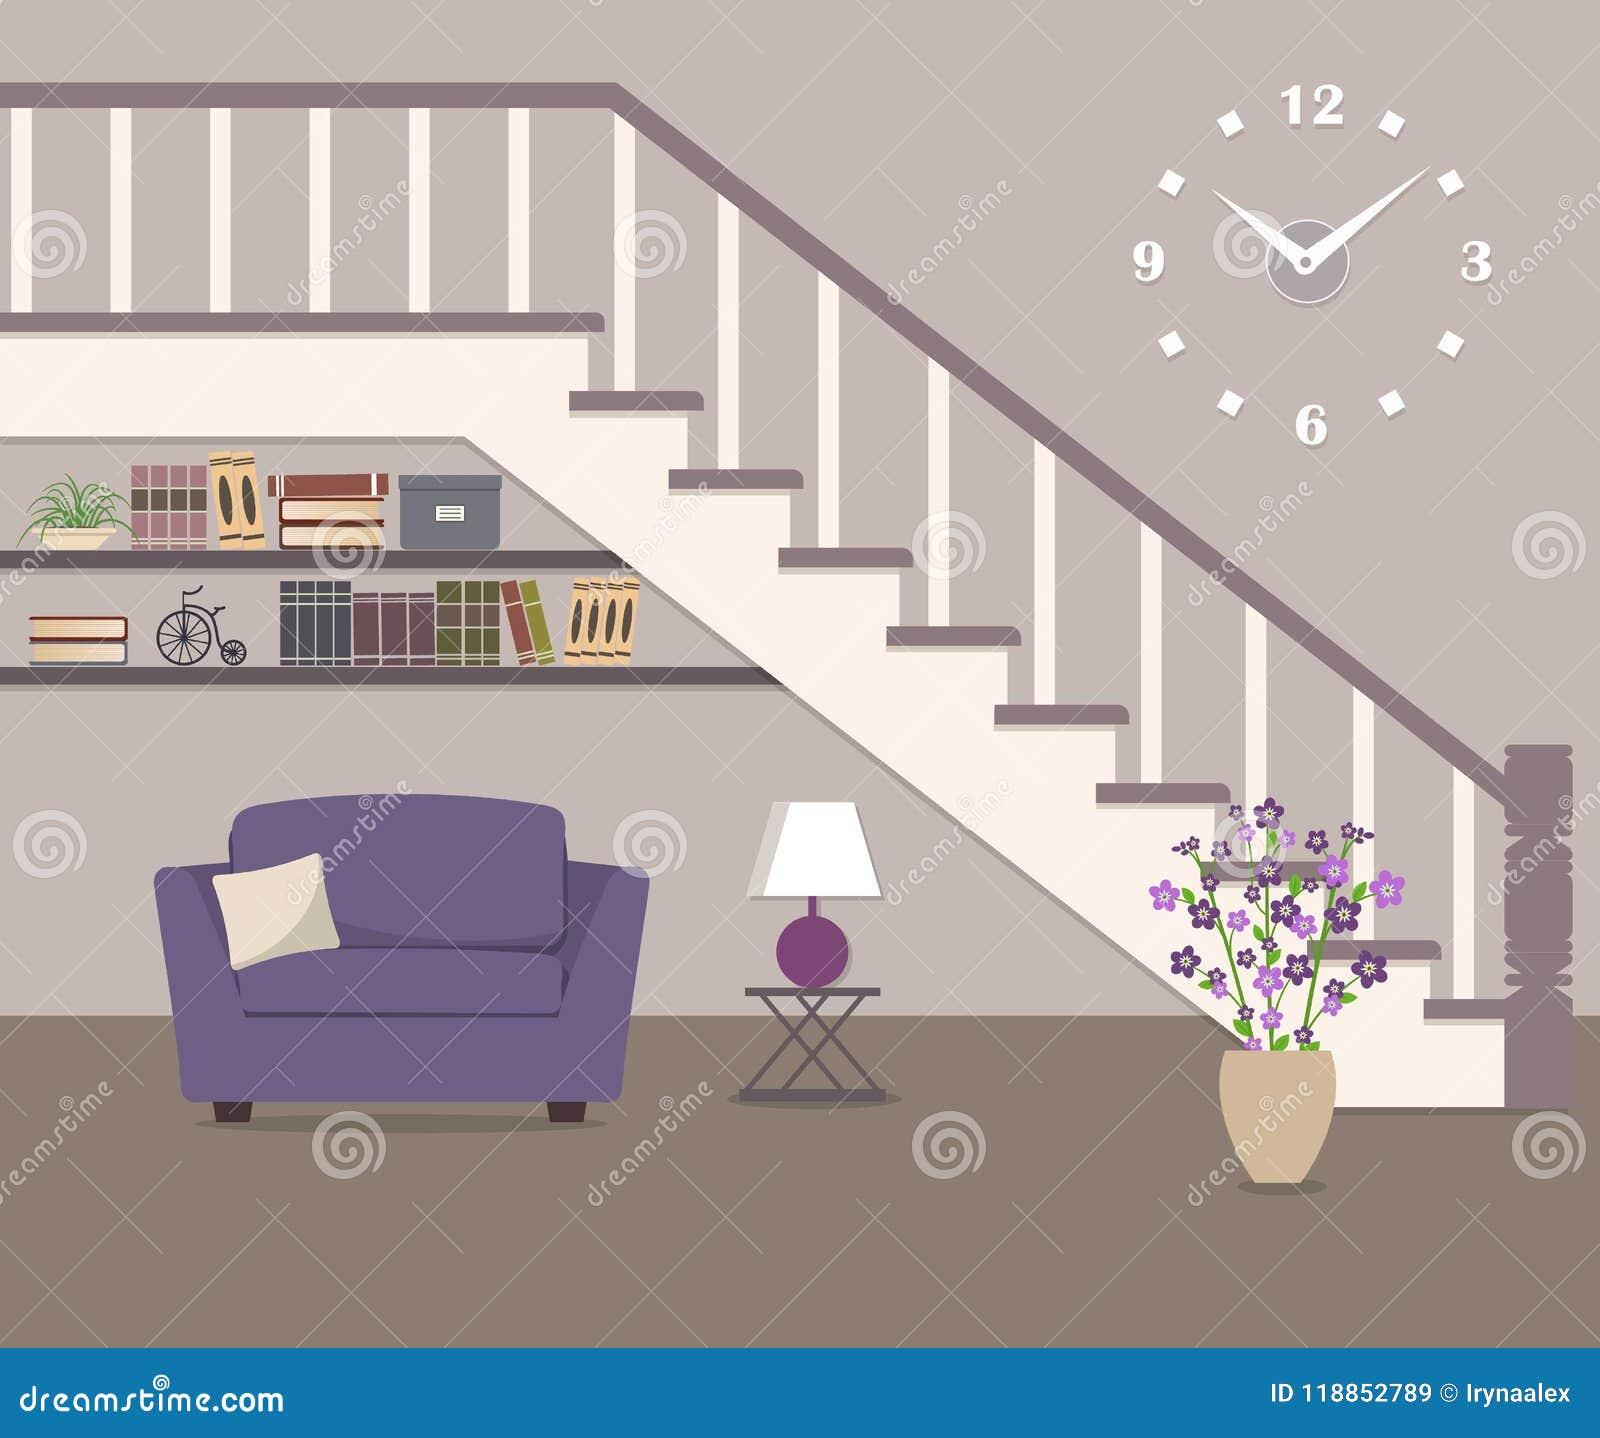 紫色扶手椅子,位于在台阶下